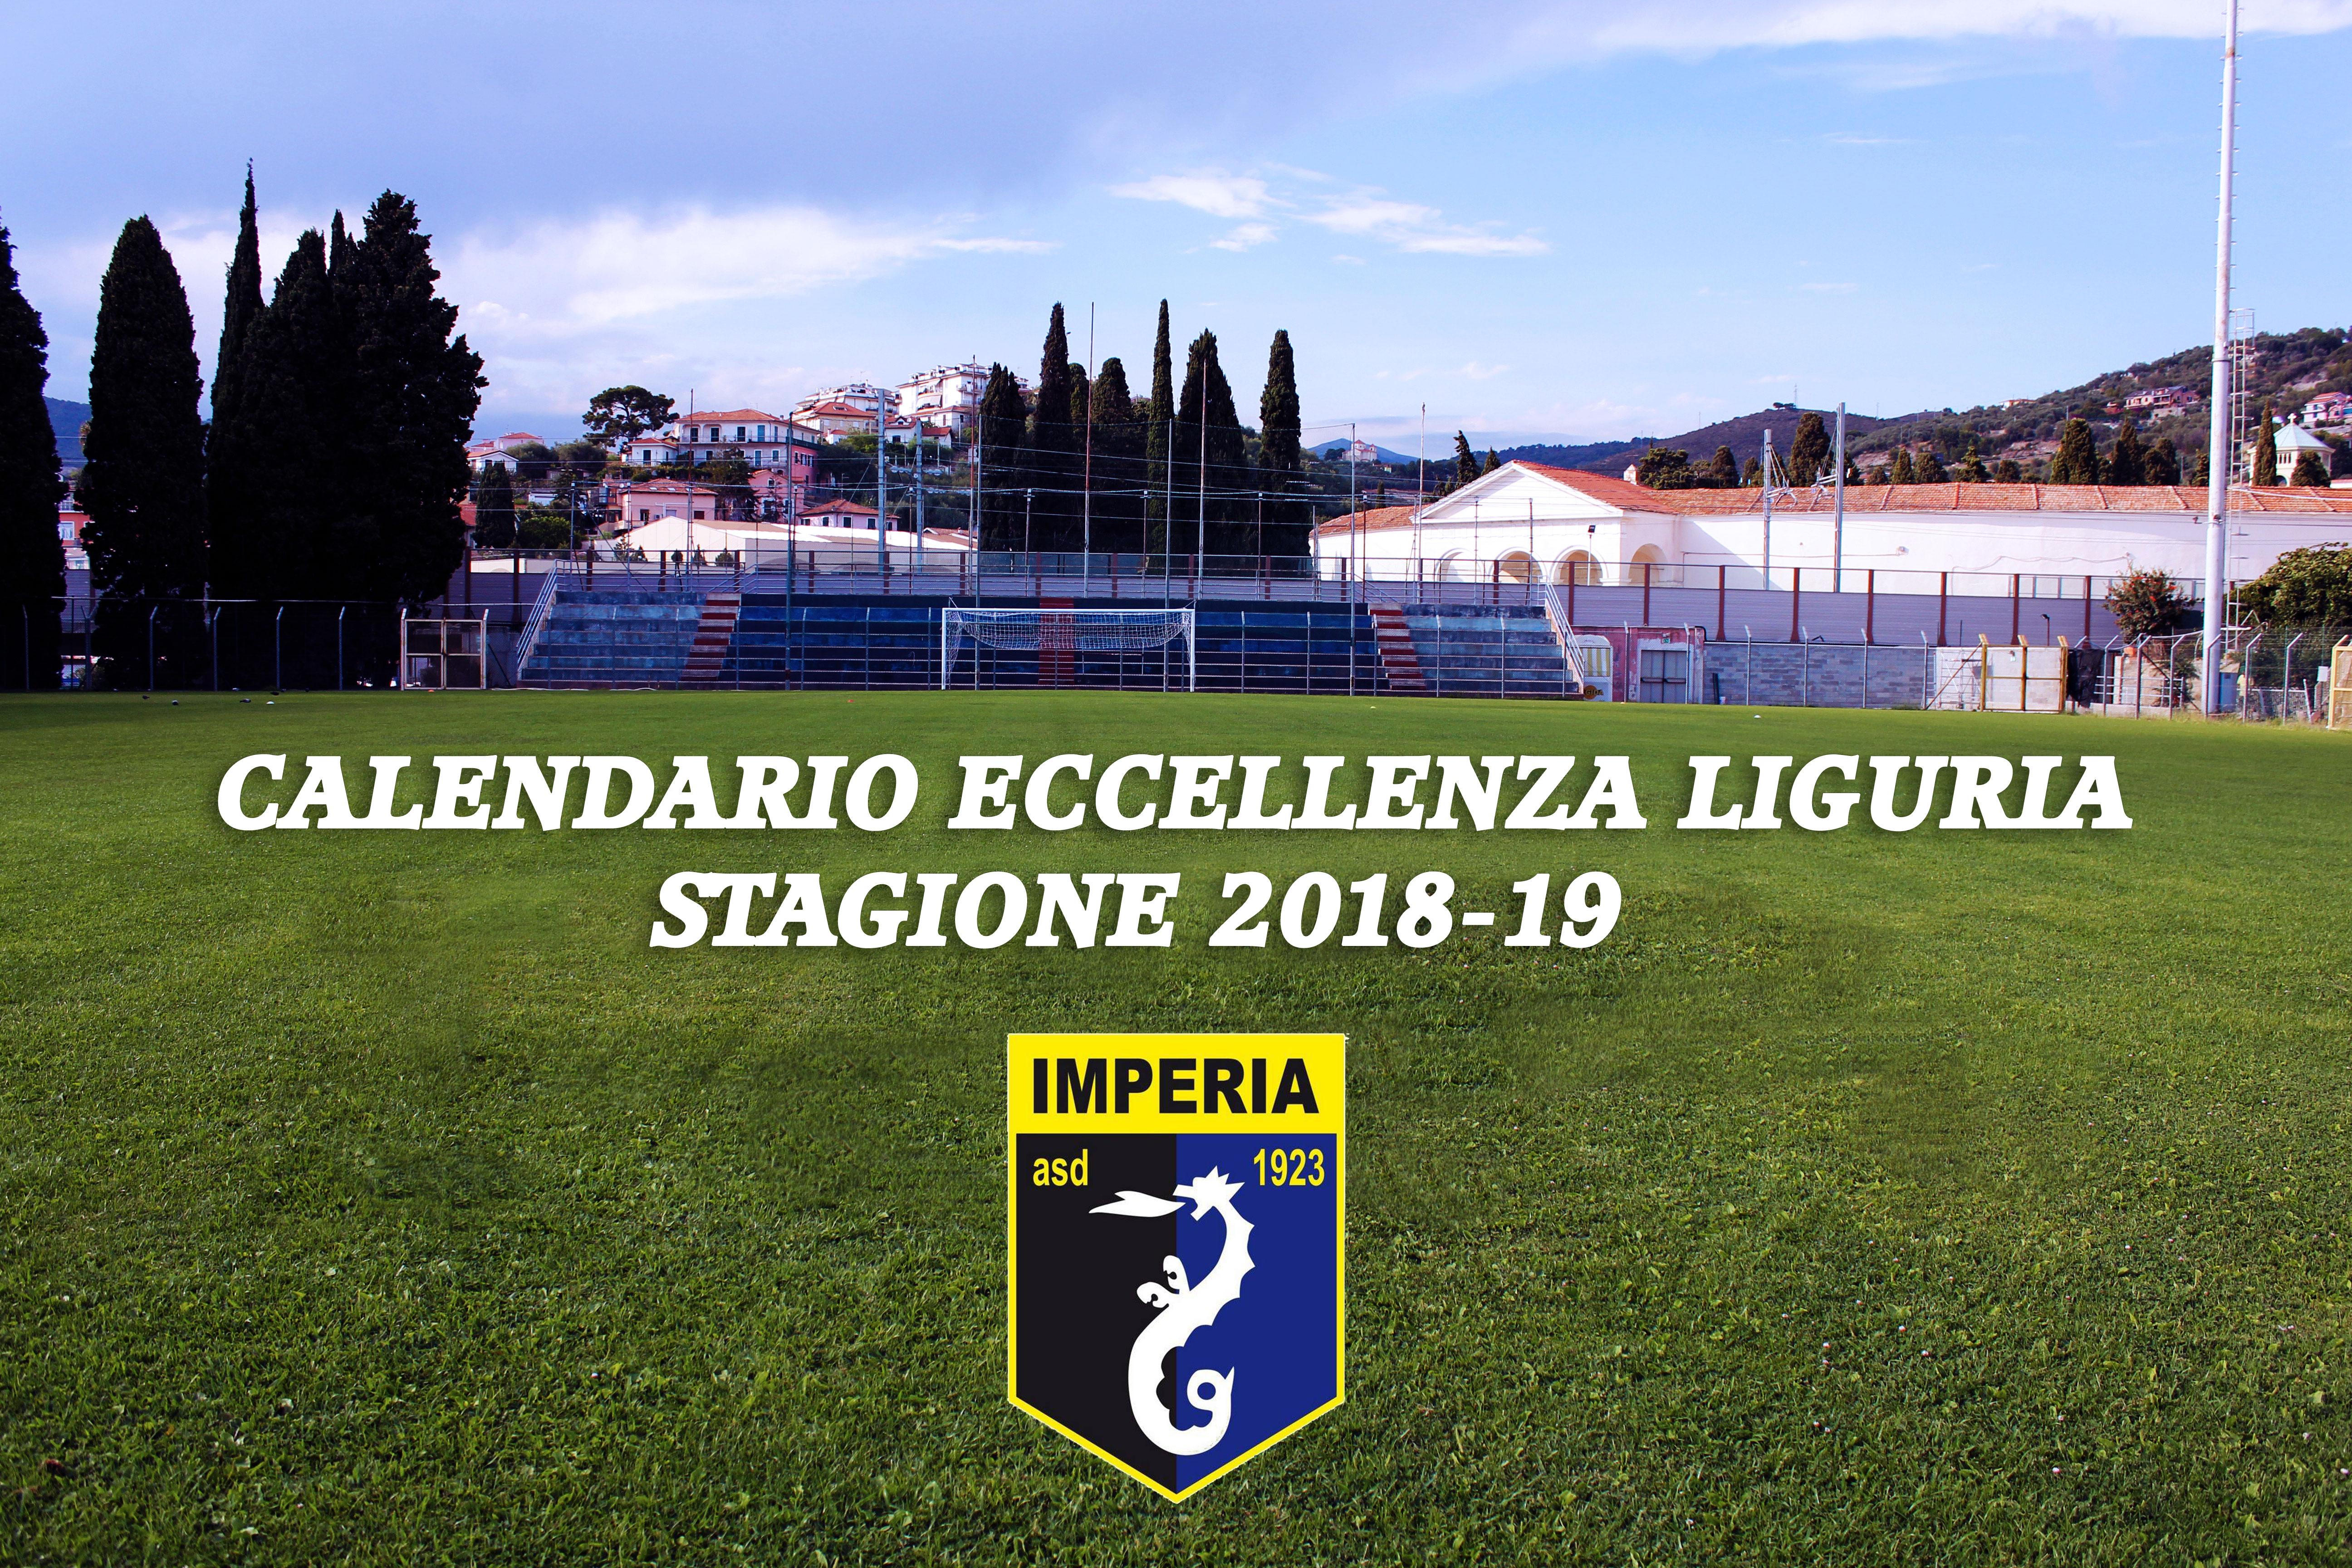 Calendario Eccellenza.Calcio Il Calendario Del Campionato Eccellenza Liguria